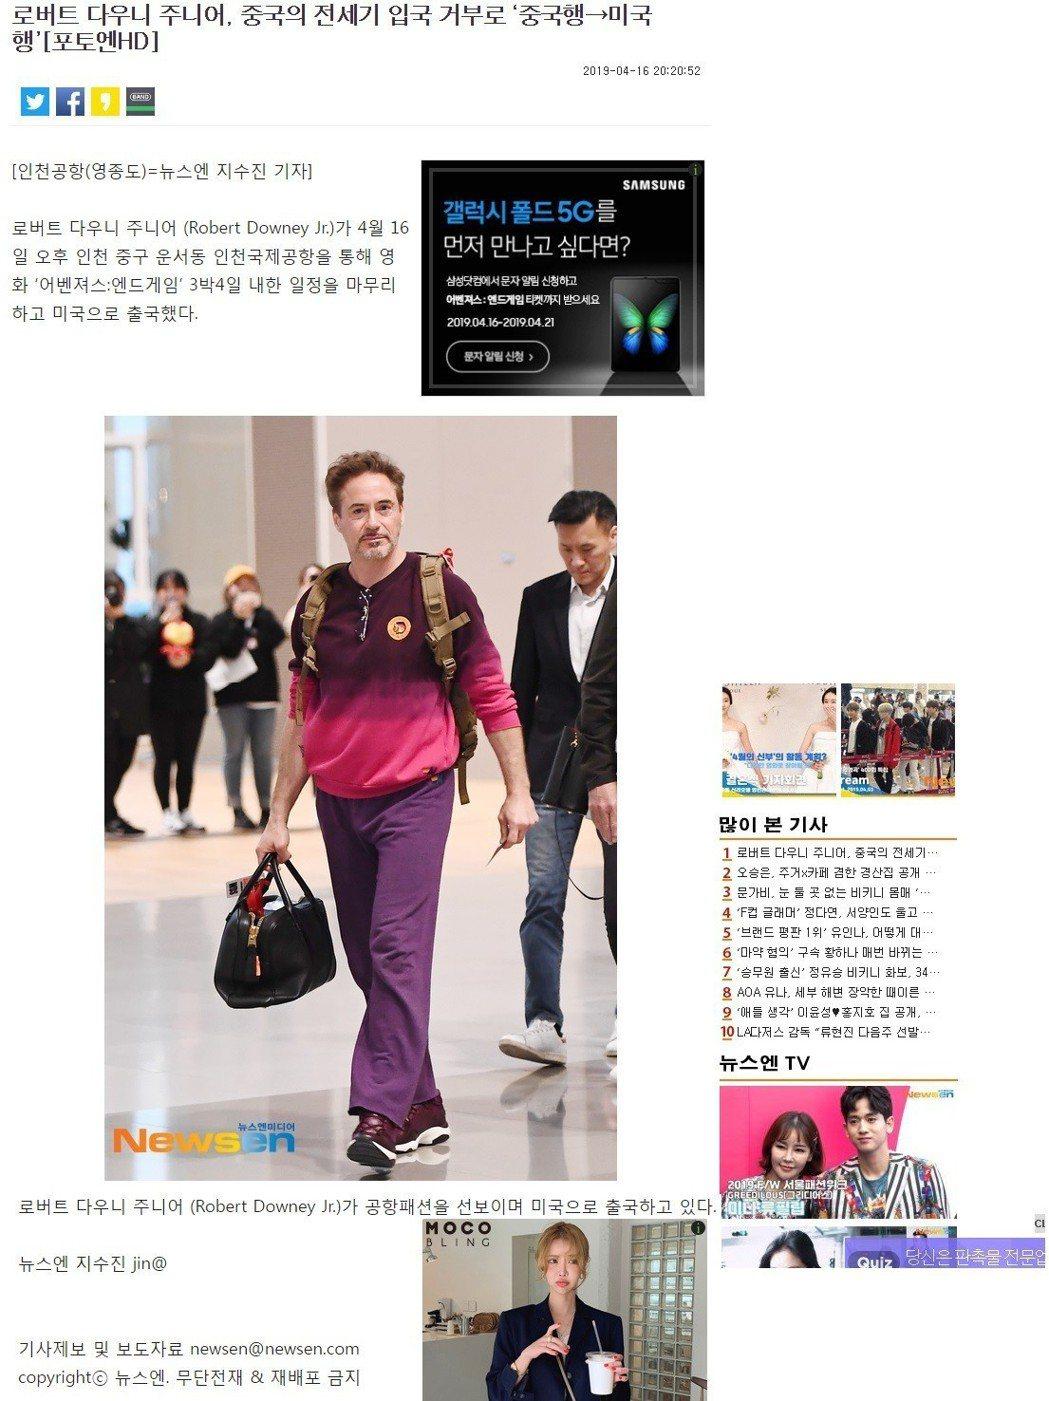 韓國新聞網站標題點破小勞勃道尼臨時缺席「復仇者聯盟:終局之戰」上海宣傳的可能原因...